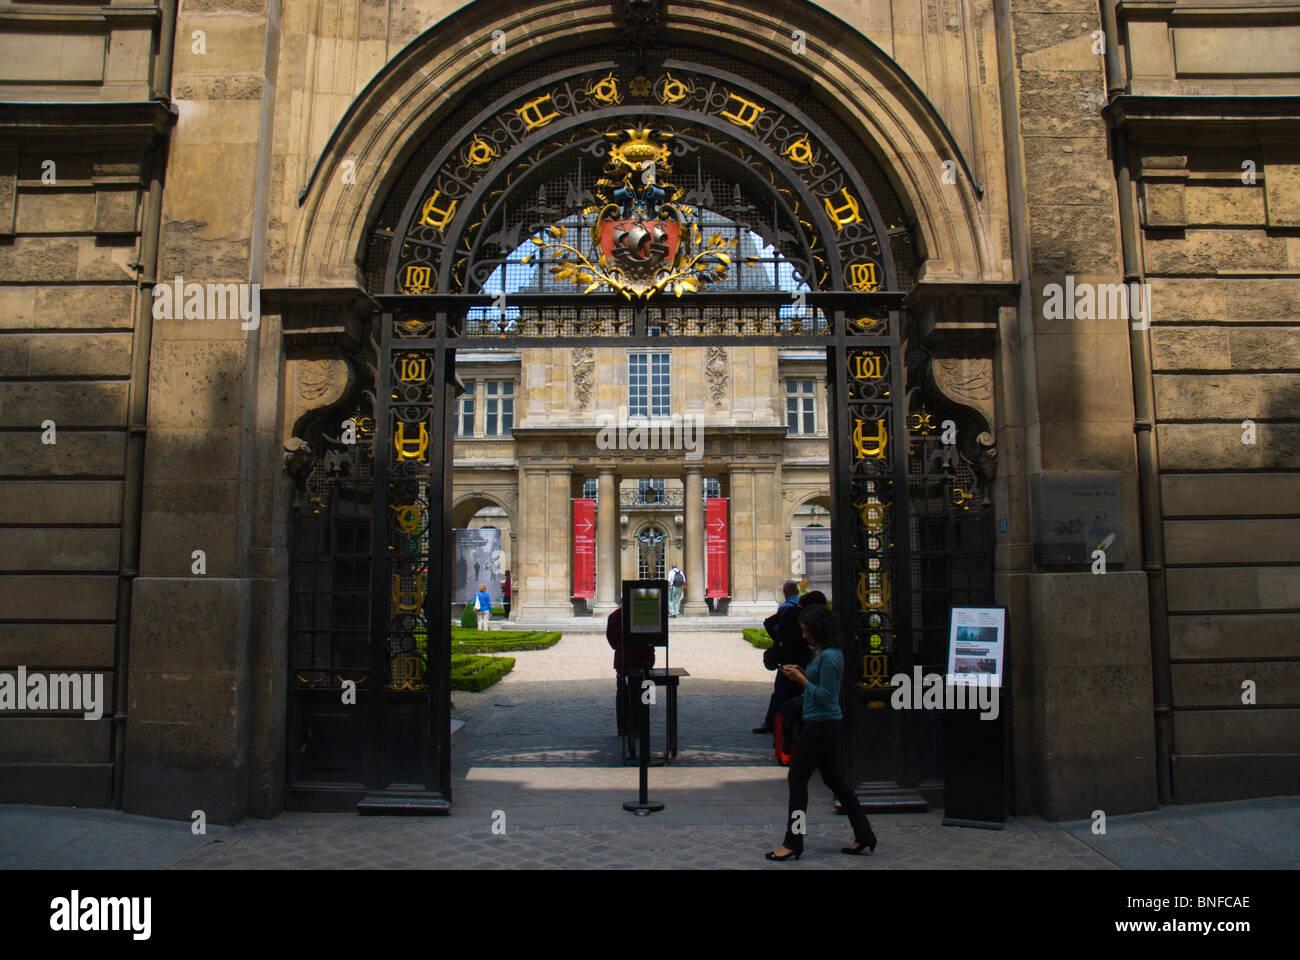 Carnavalet Museum Le Marais district central Paris France Europe - Stock Image